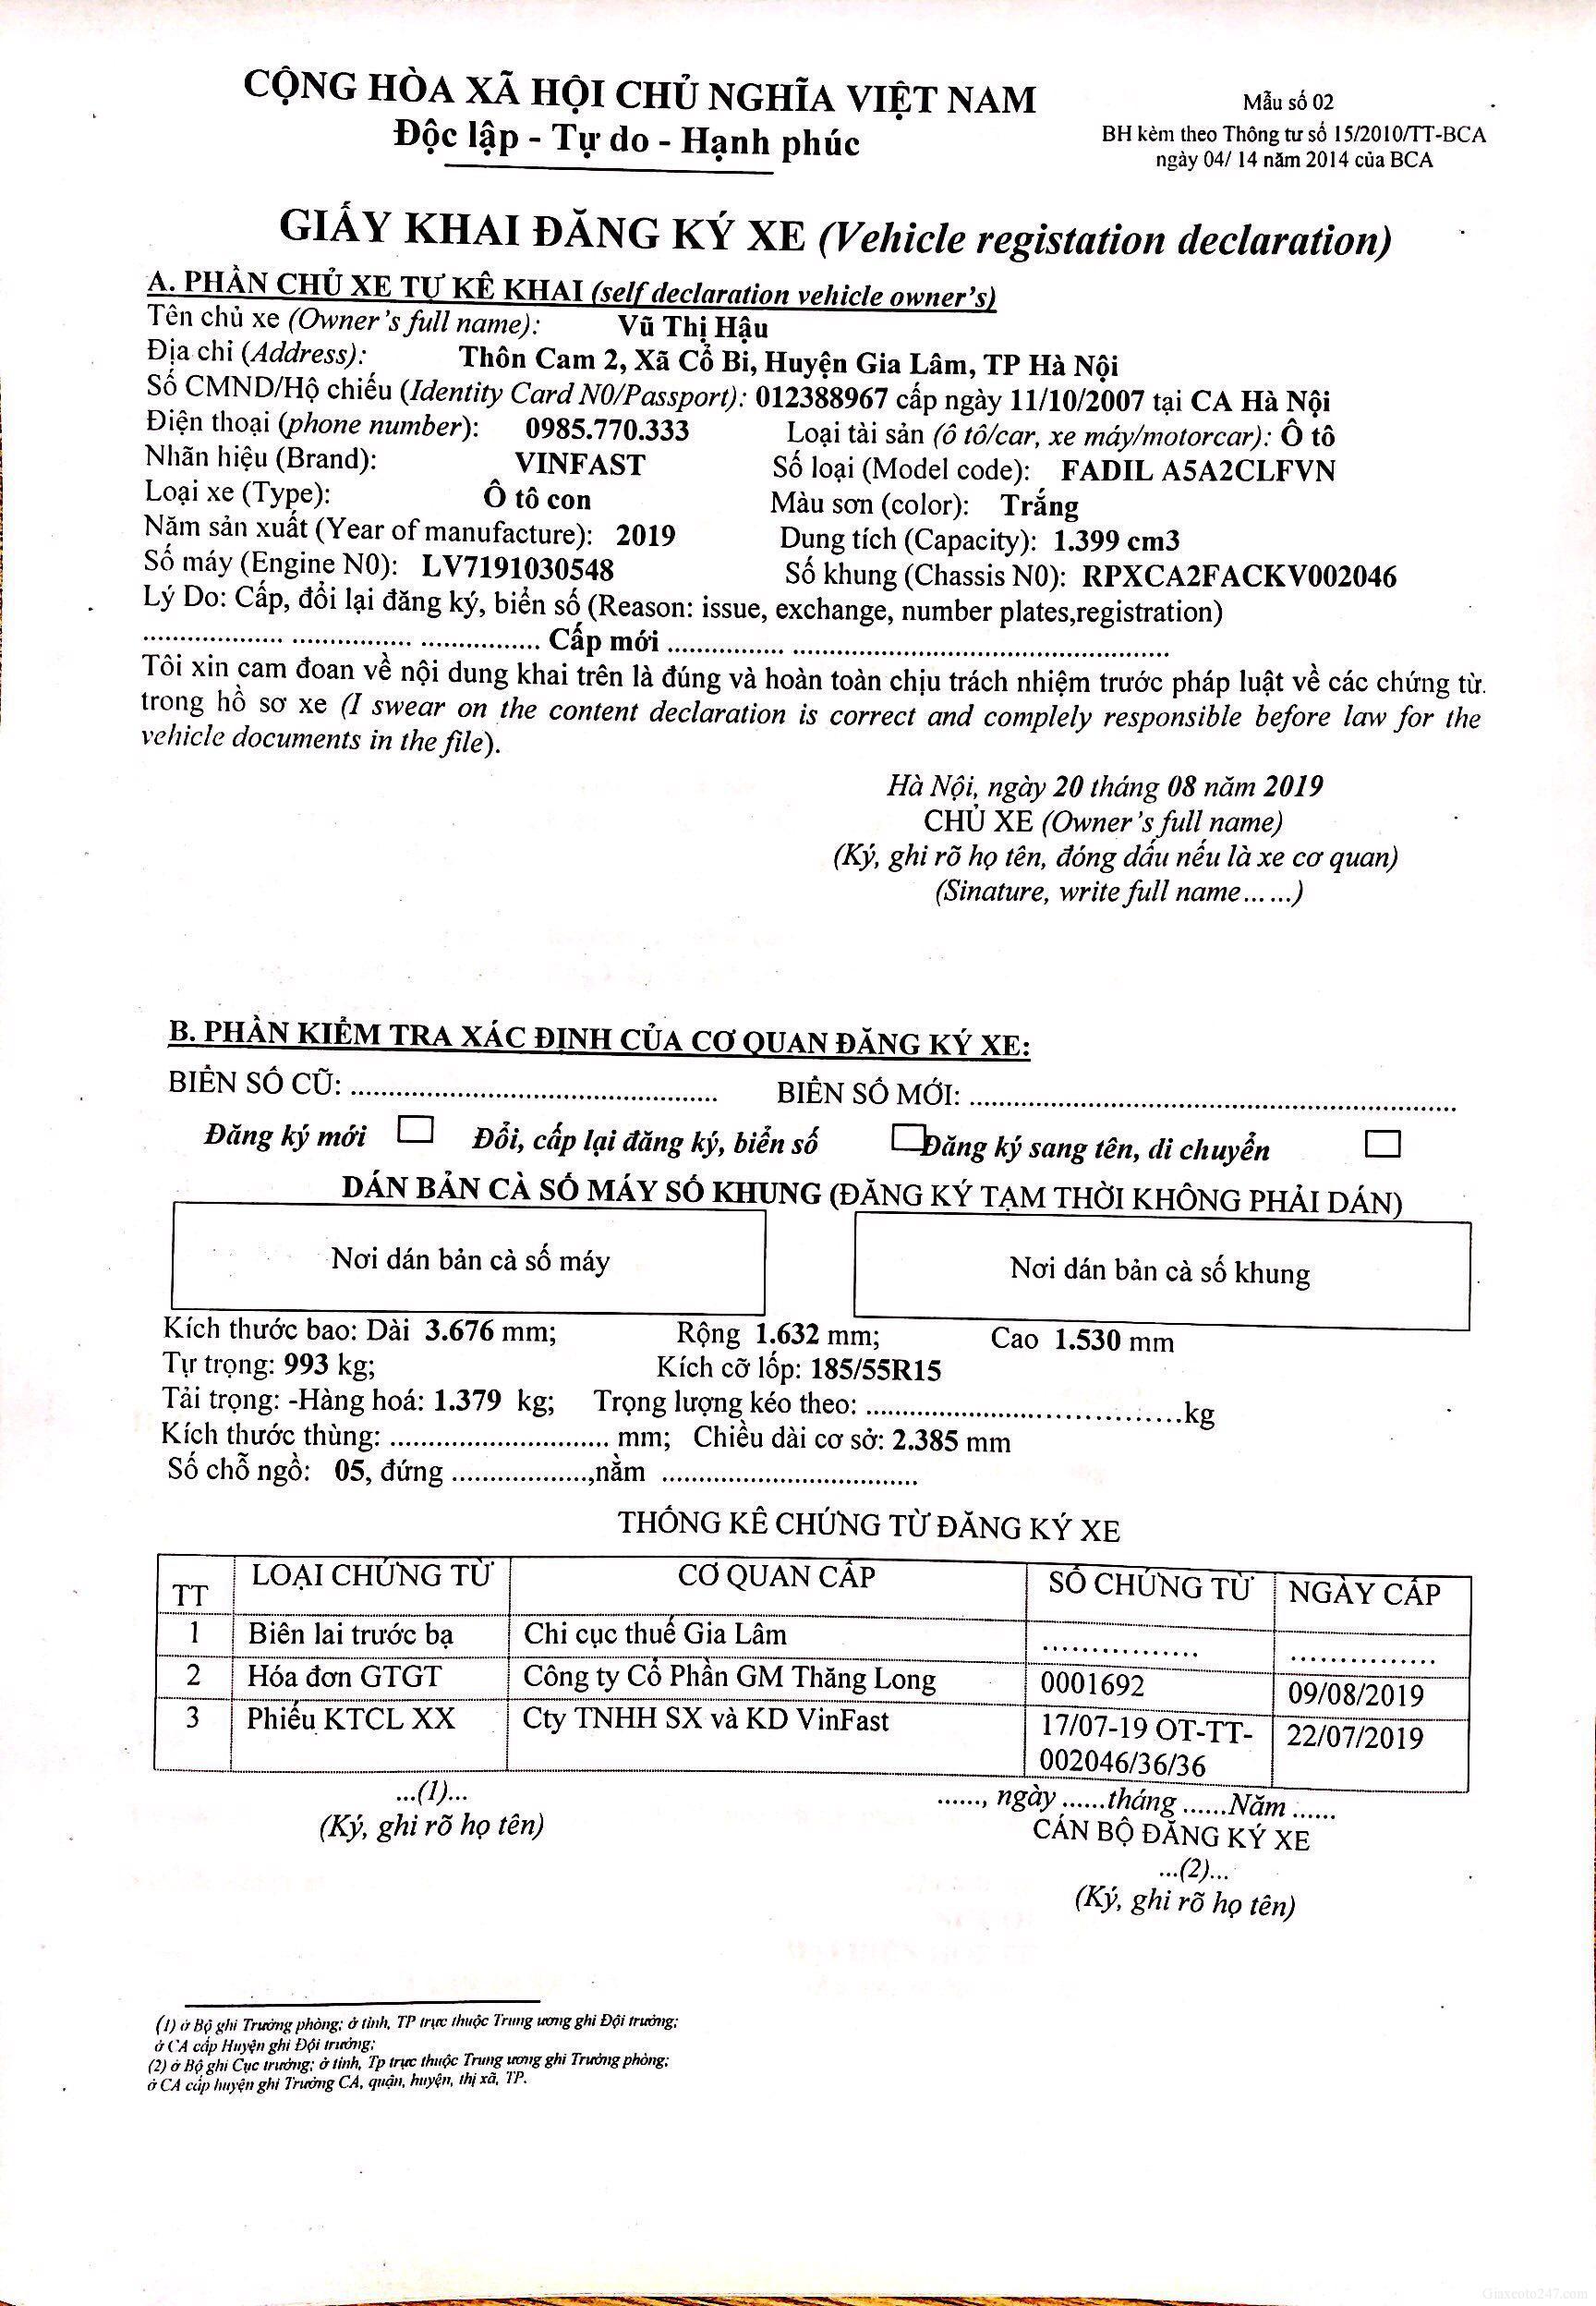 Huong dan khai To khai dang ky o to xe may 2019 - Cách ghi giấy khai đăng ký ô tô, xe máy